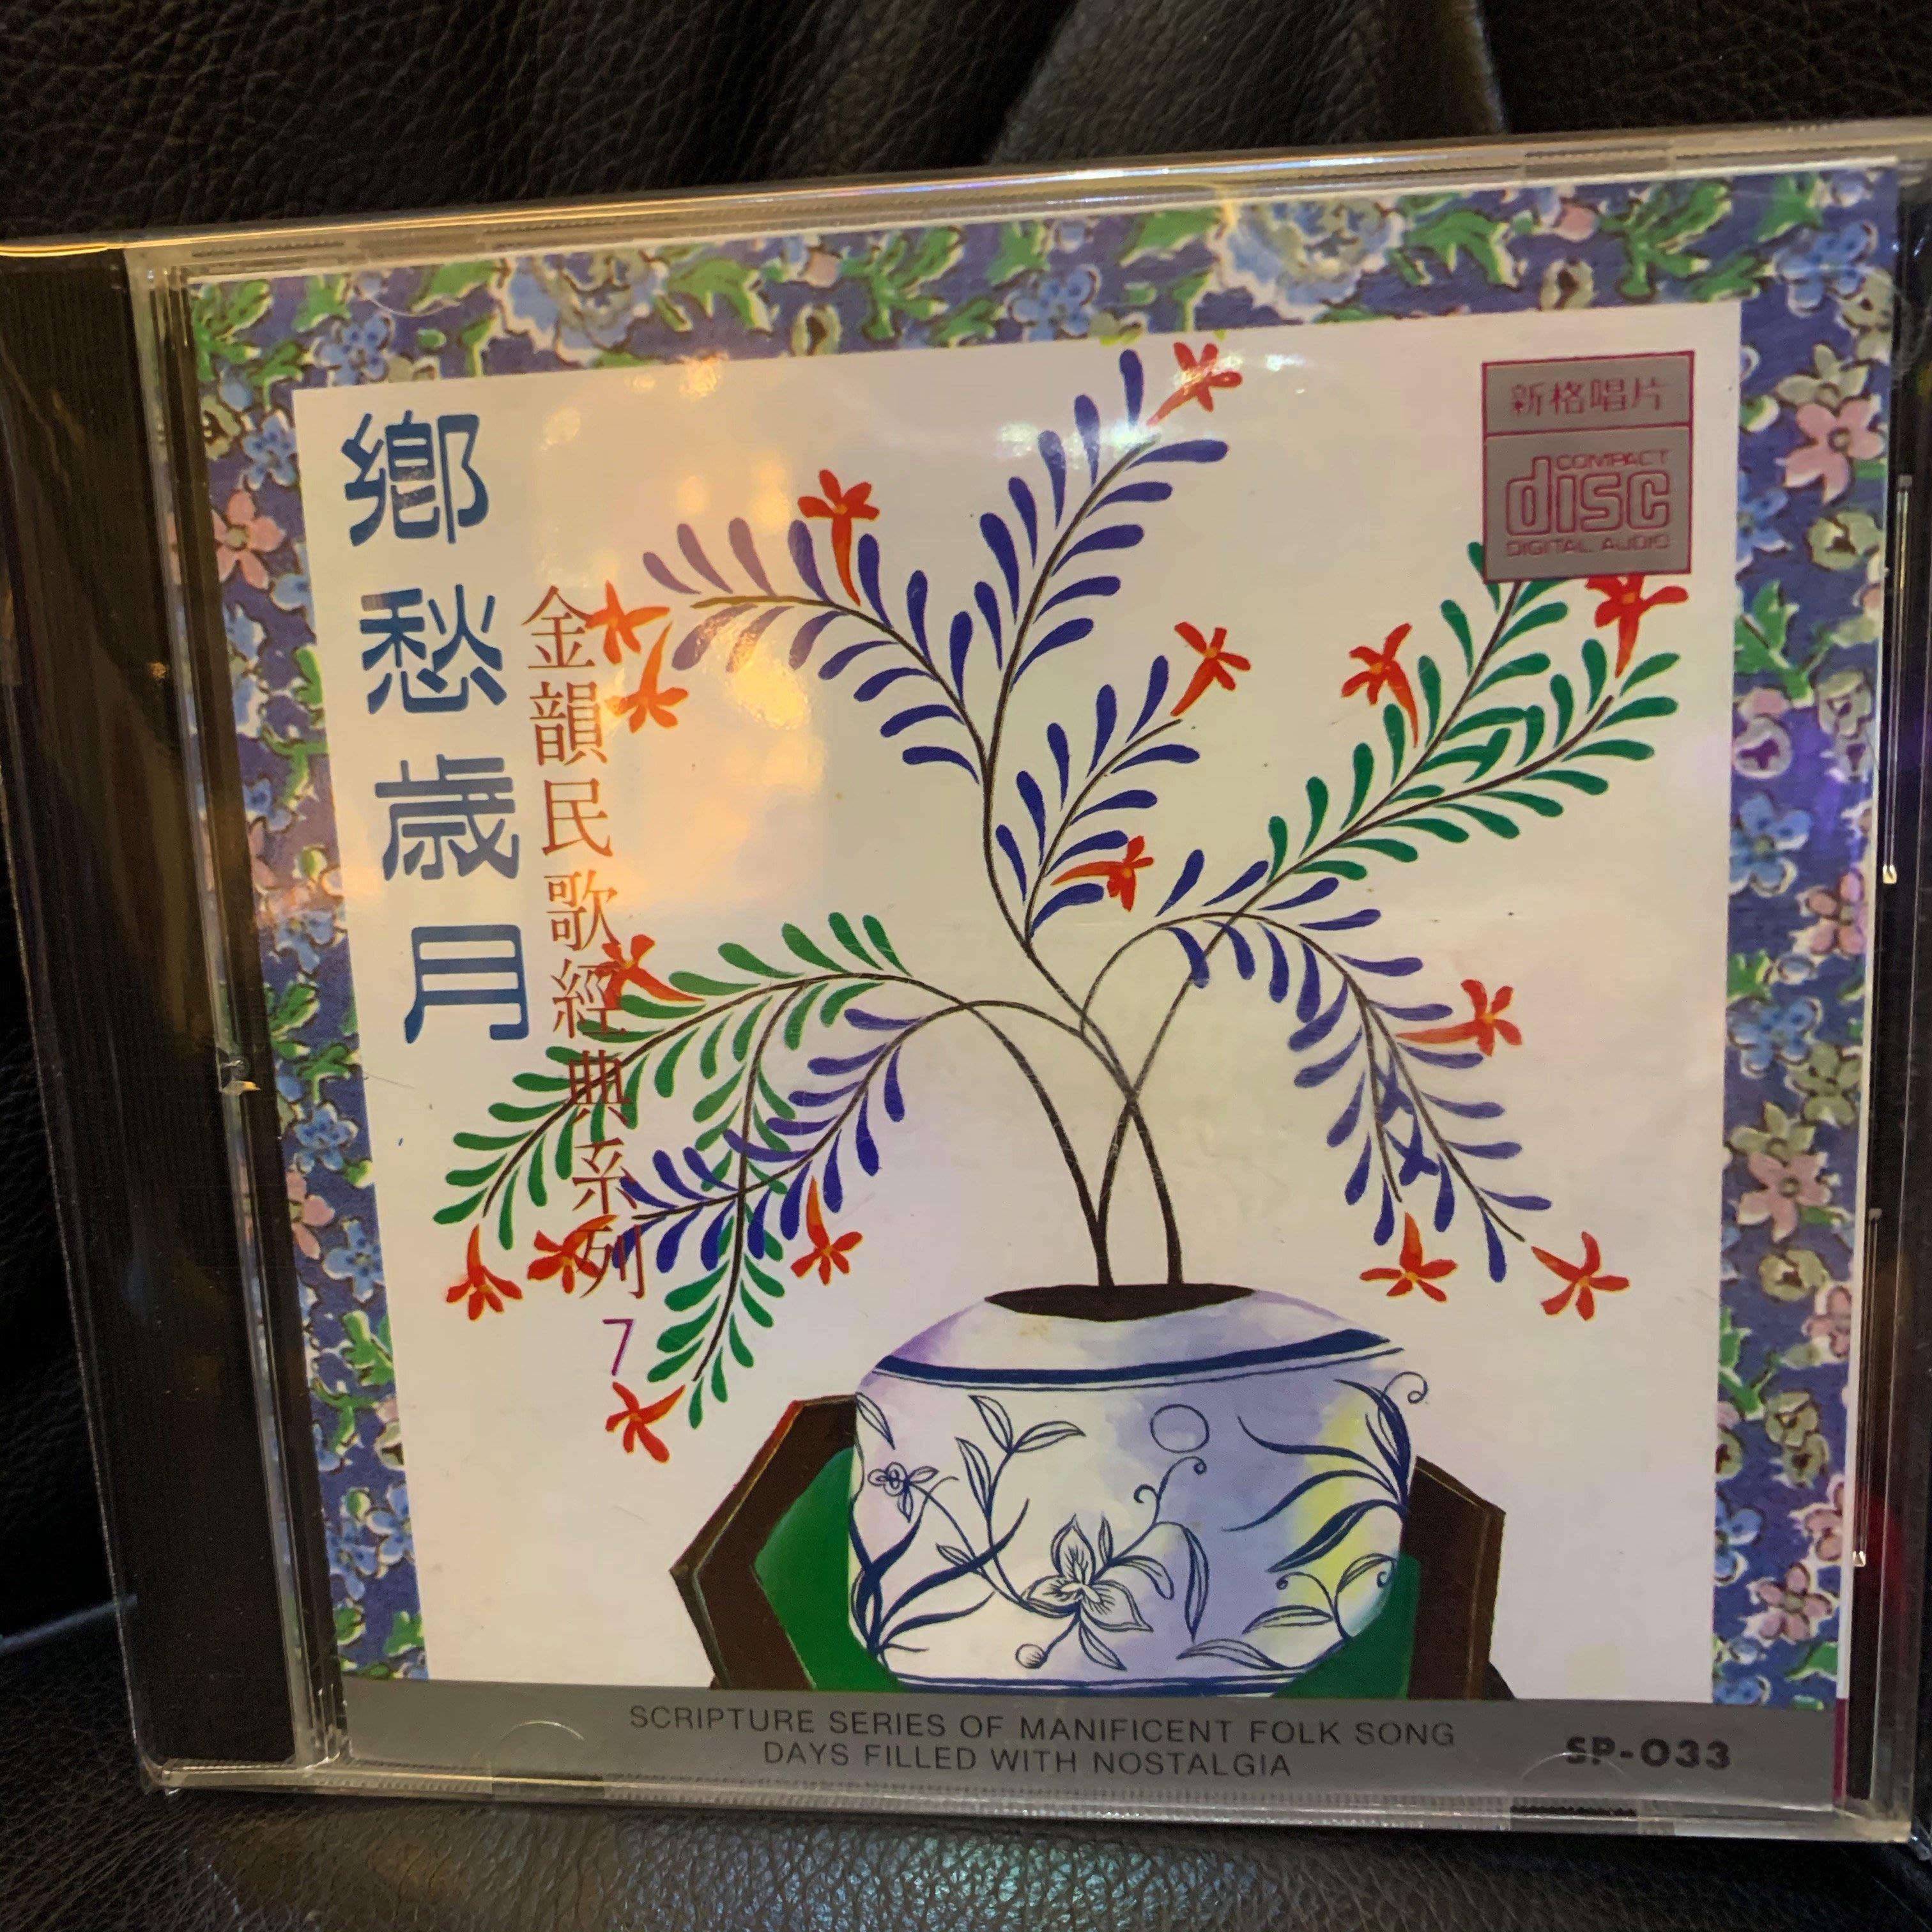 ♘➽二手CD 民歌CD 鄉愁歲月 金韻民歌經典系列7,新格唱片,金韻獎